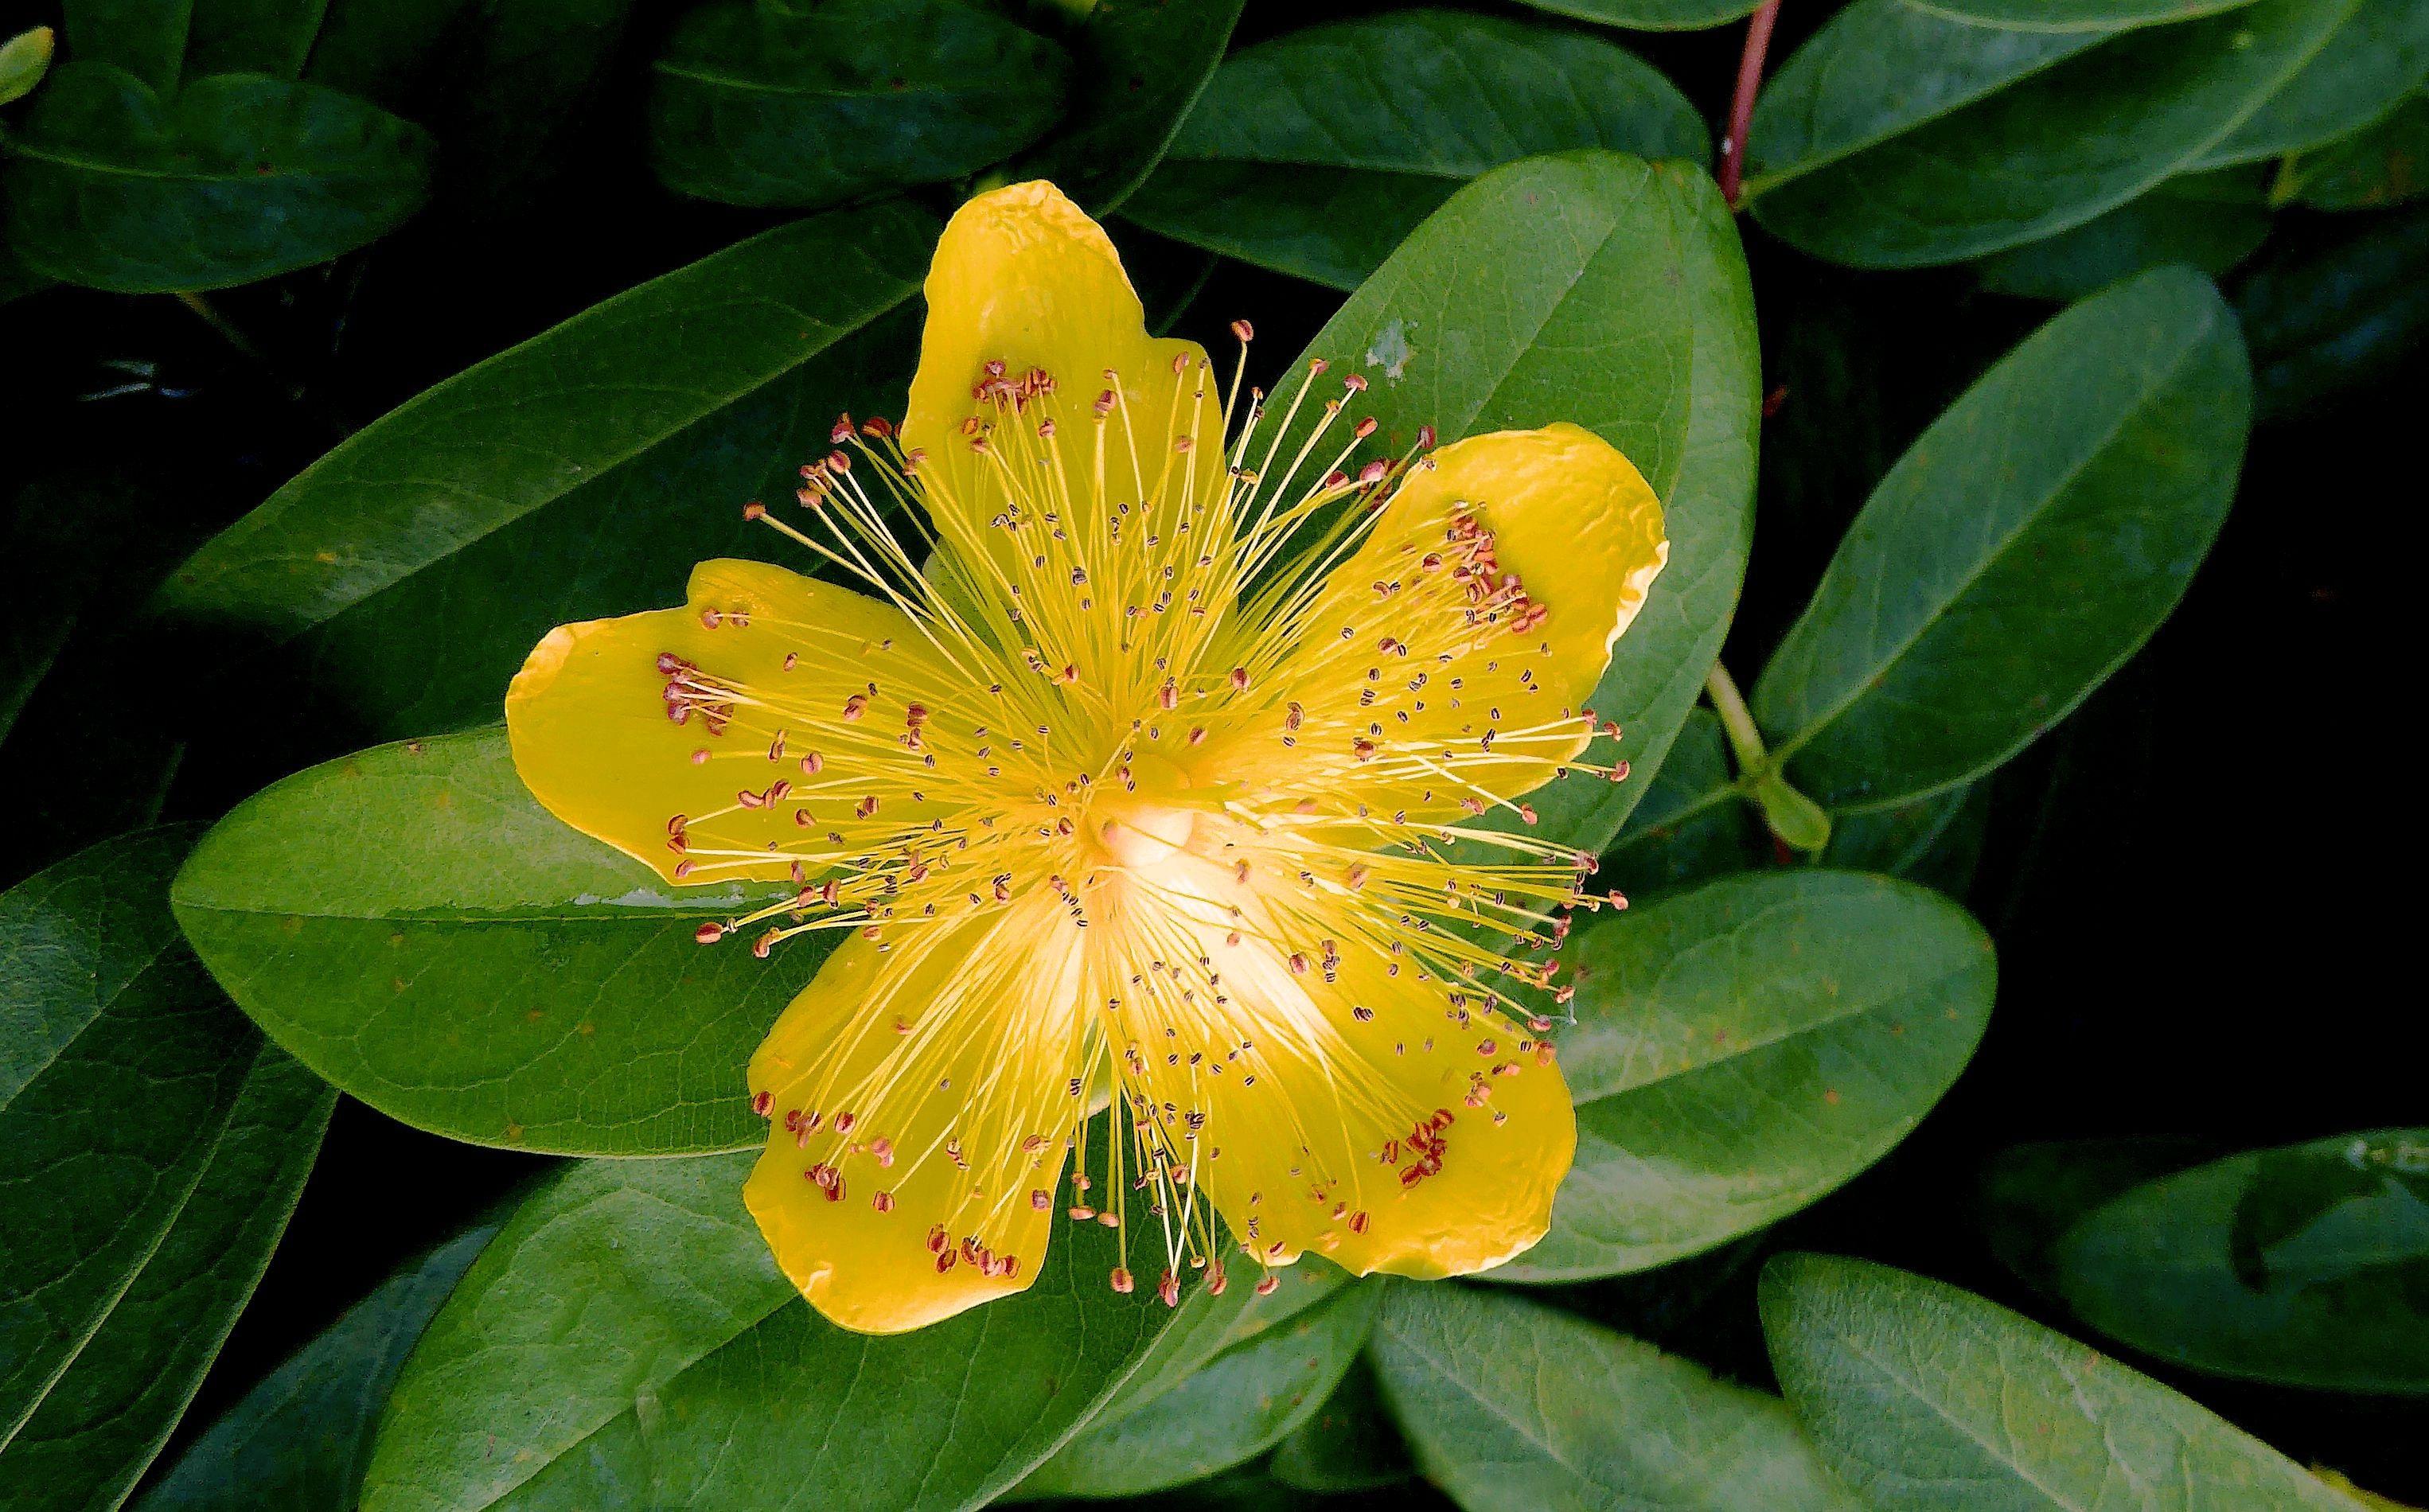 Images Gratuites : fleur, feuille, Floraison, produire, à ...